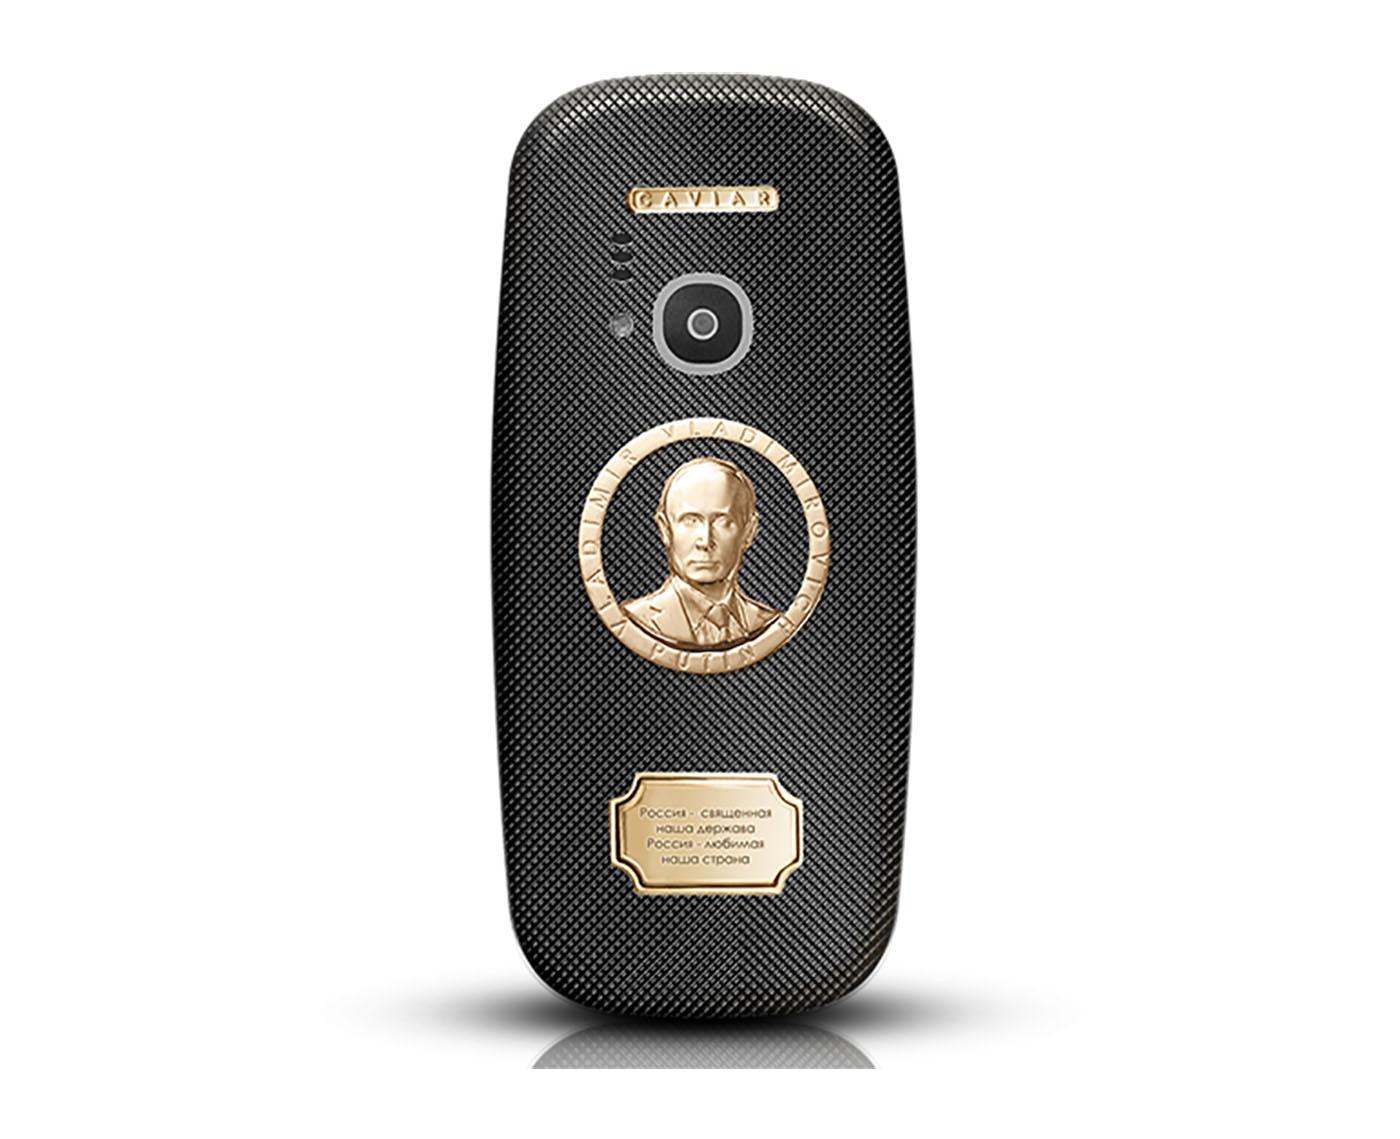 Este Nokia 3310 dorado con la cara de Putin cuesta 1.700 dólares